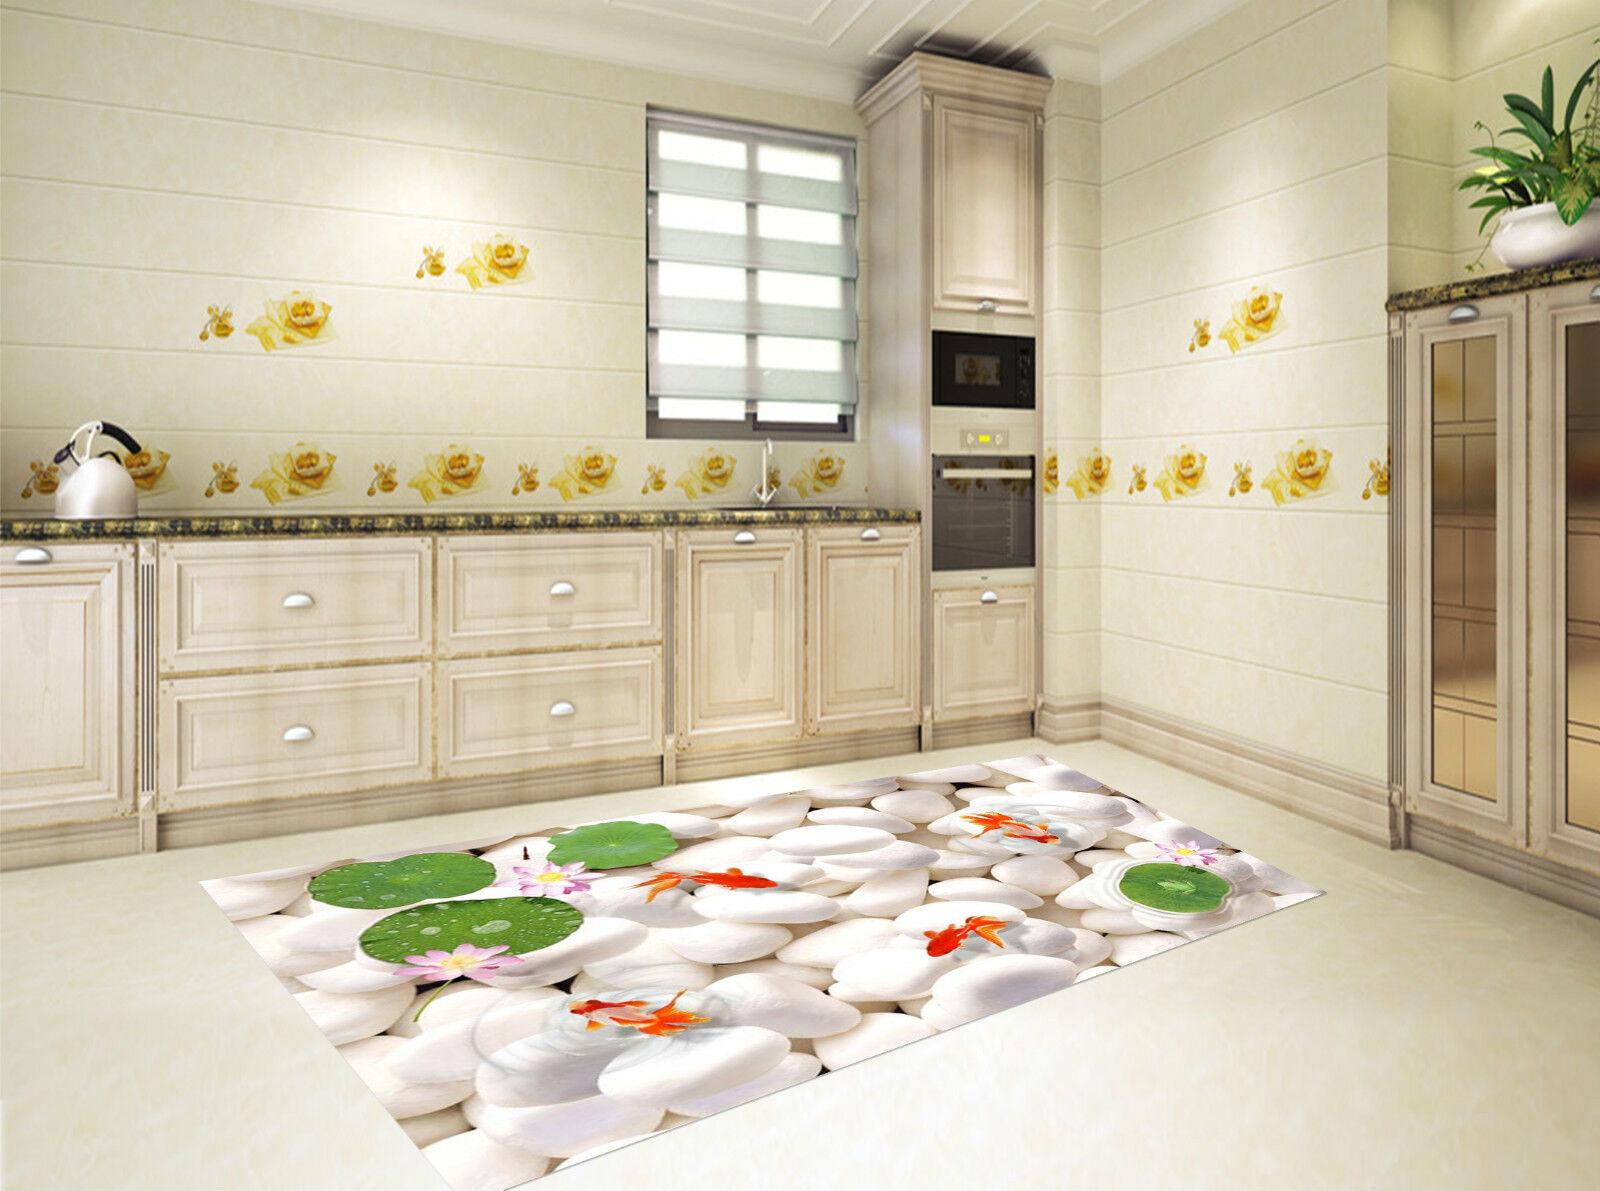 3D Cobblestone Poisson 123 Décor Décor Décor Mural Murale De Mur De Cuisine AJ WALLPAPER FR 269c80